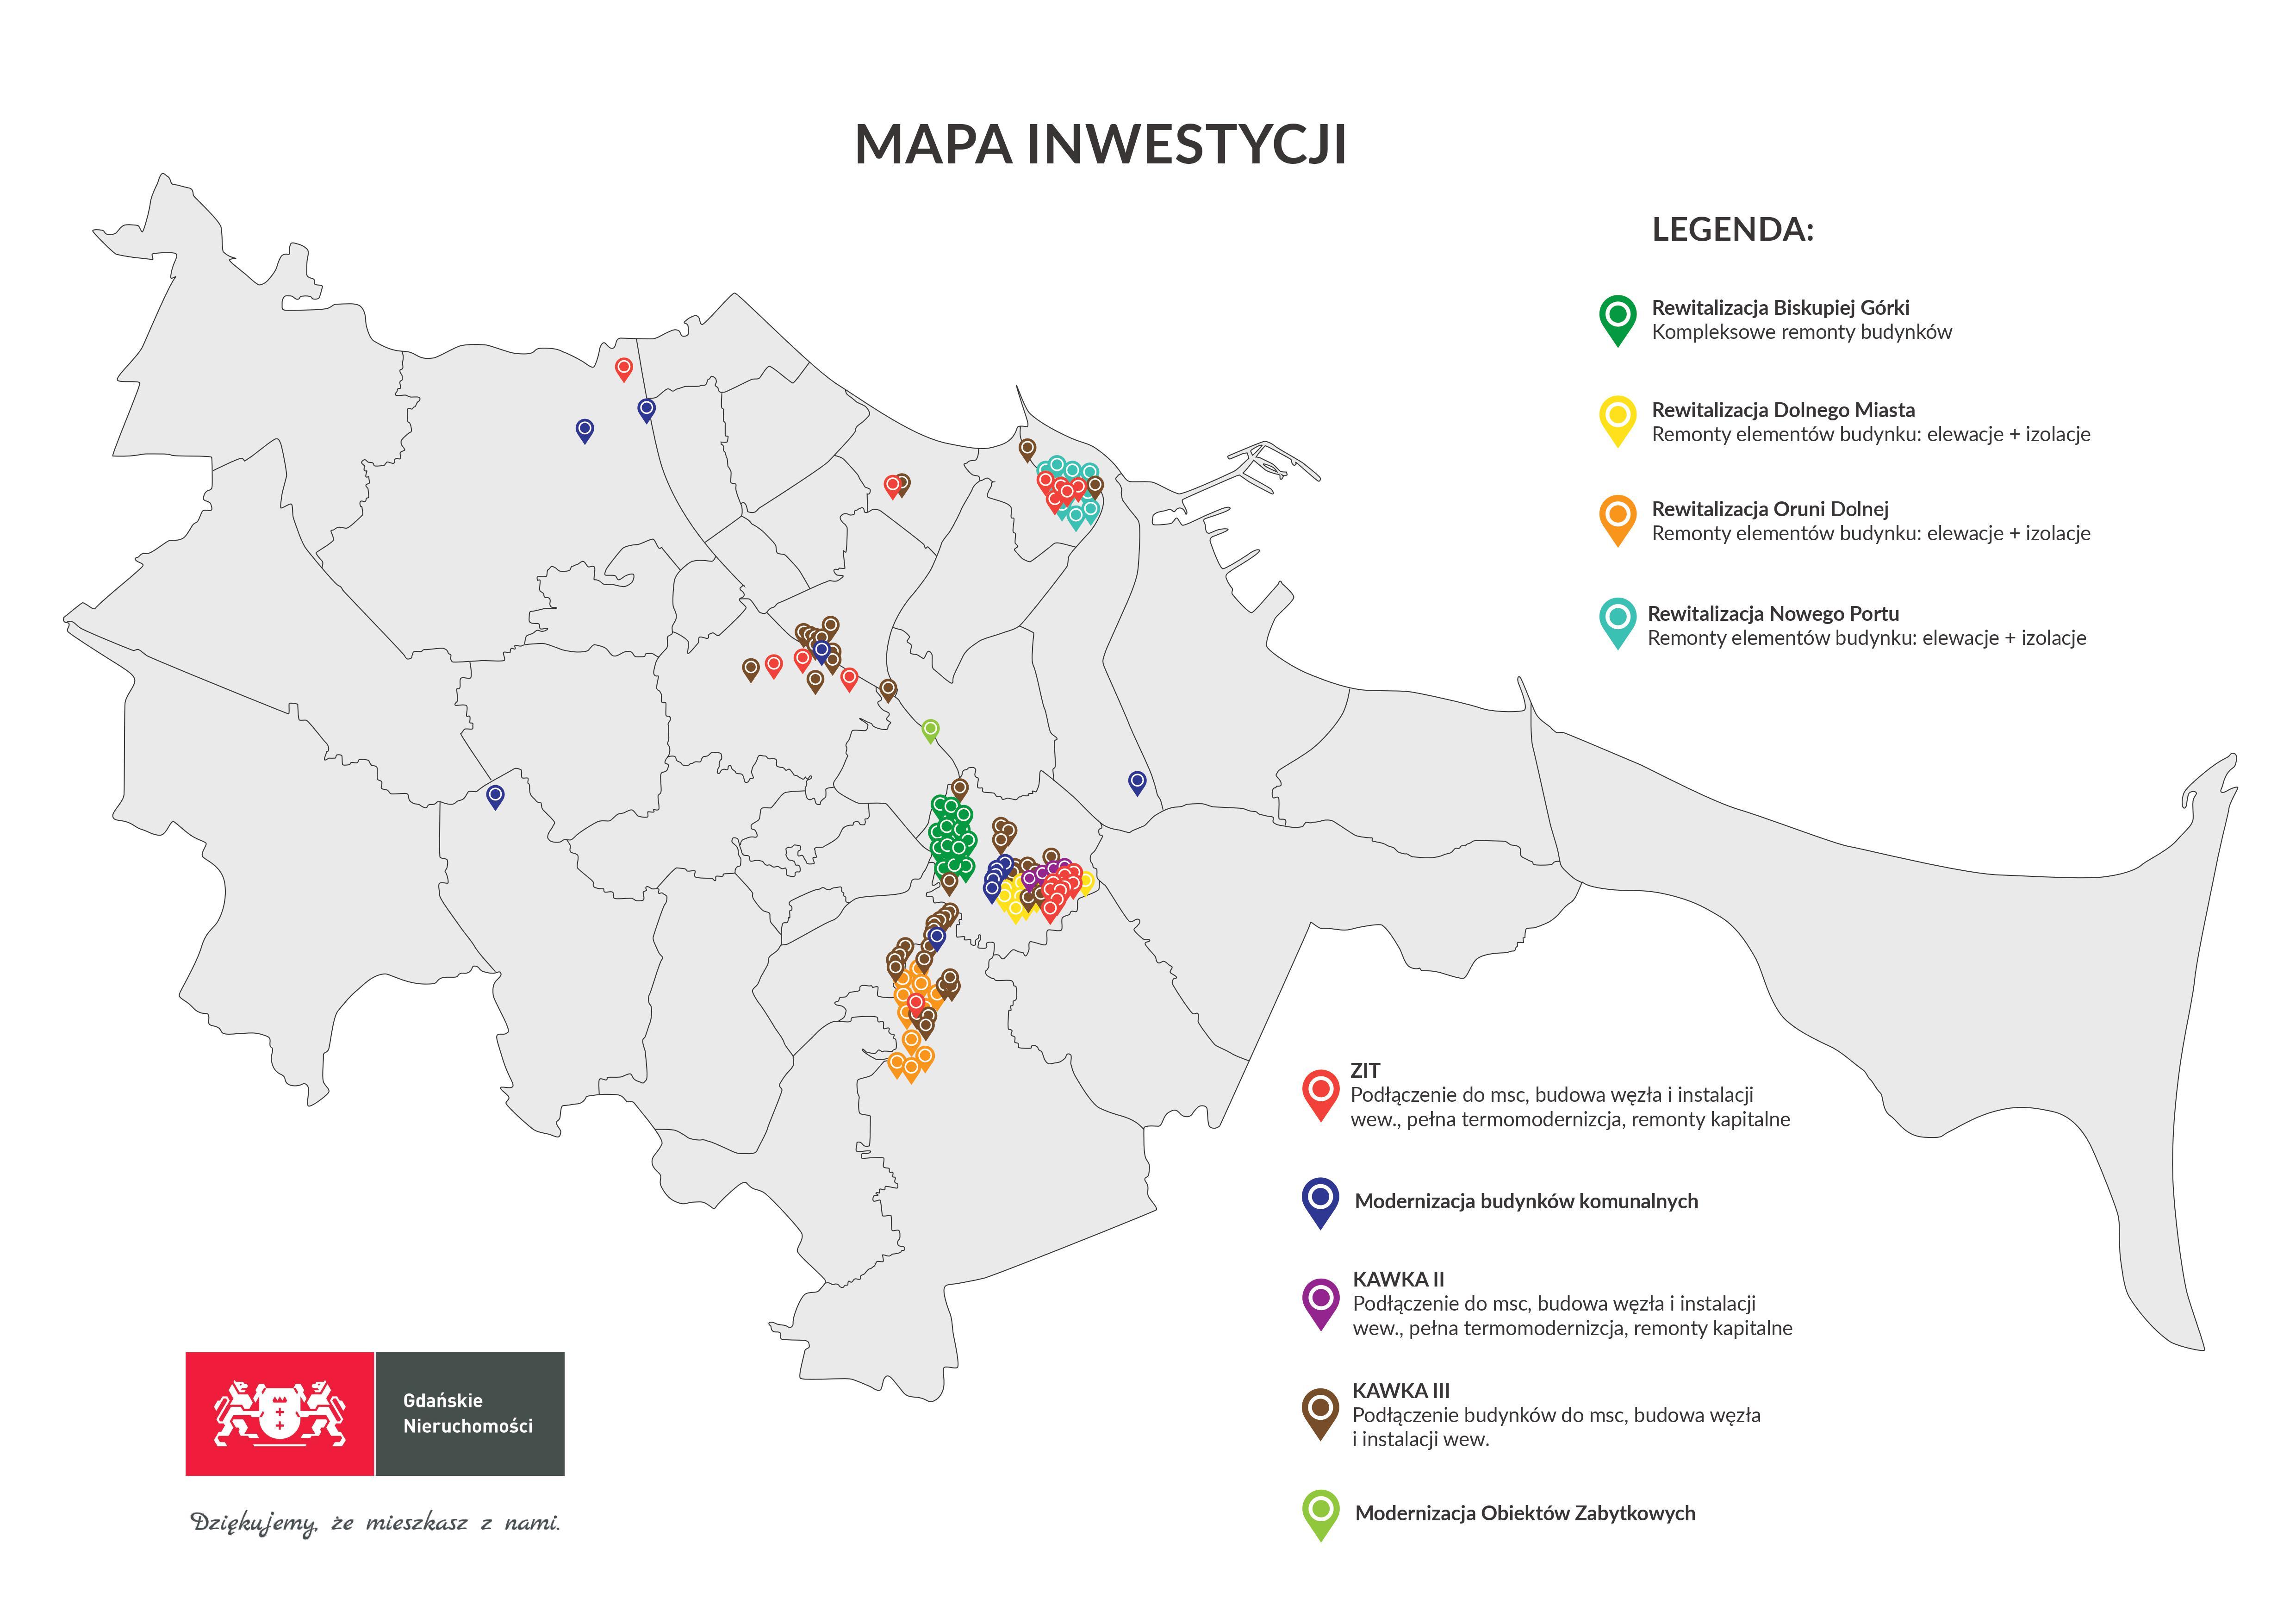 mapa inwestycji